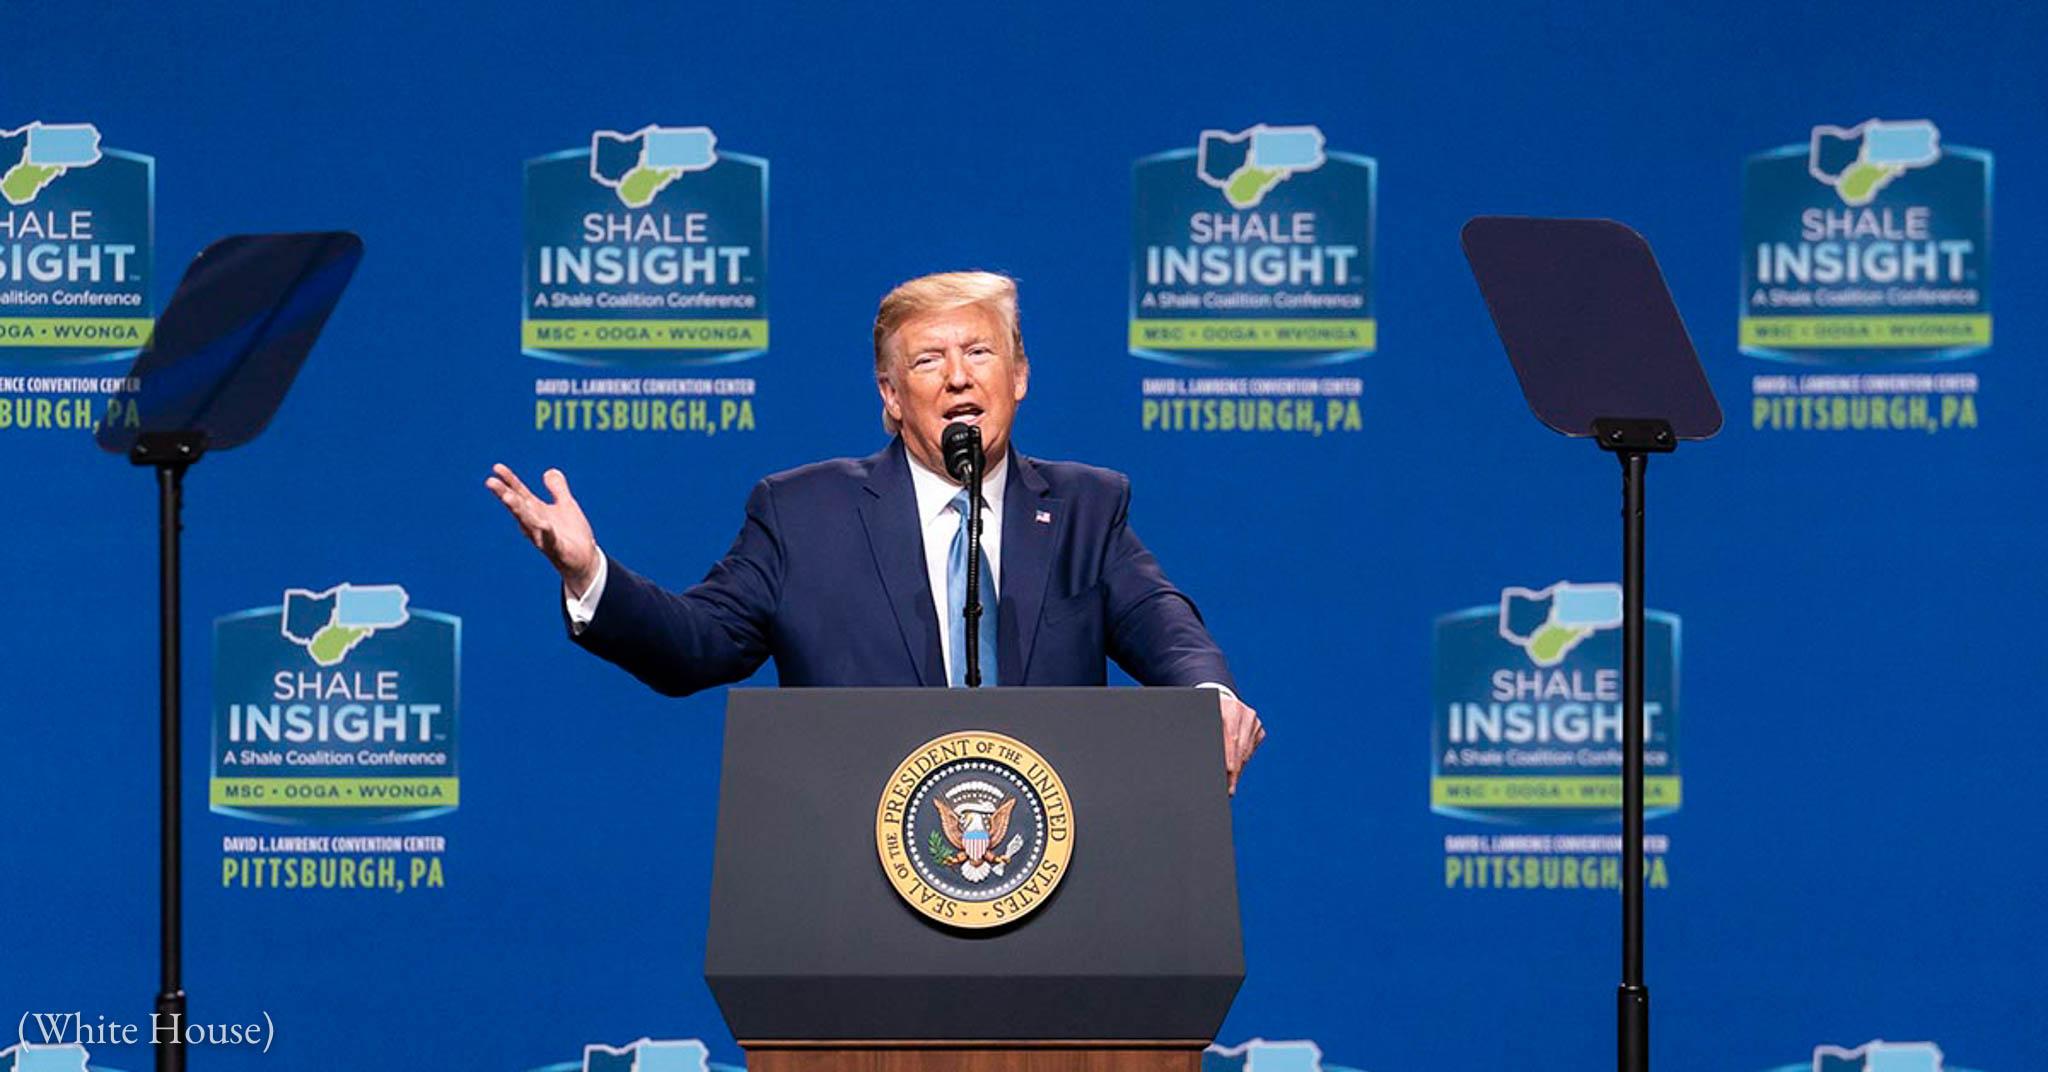 Le président Trump à un pupitre, avec des logos Shale Insight en arrière-plan (La Maison Blanche)